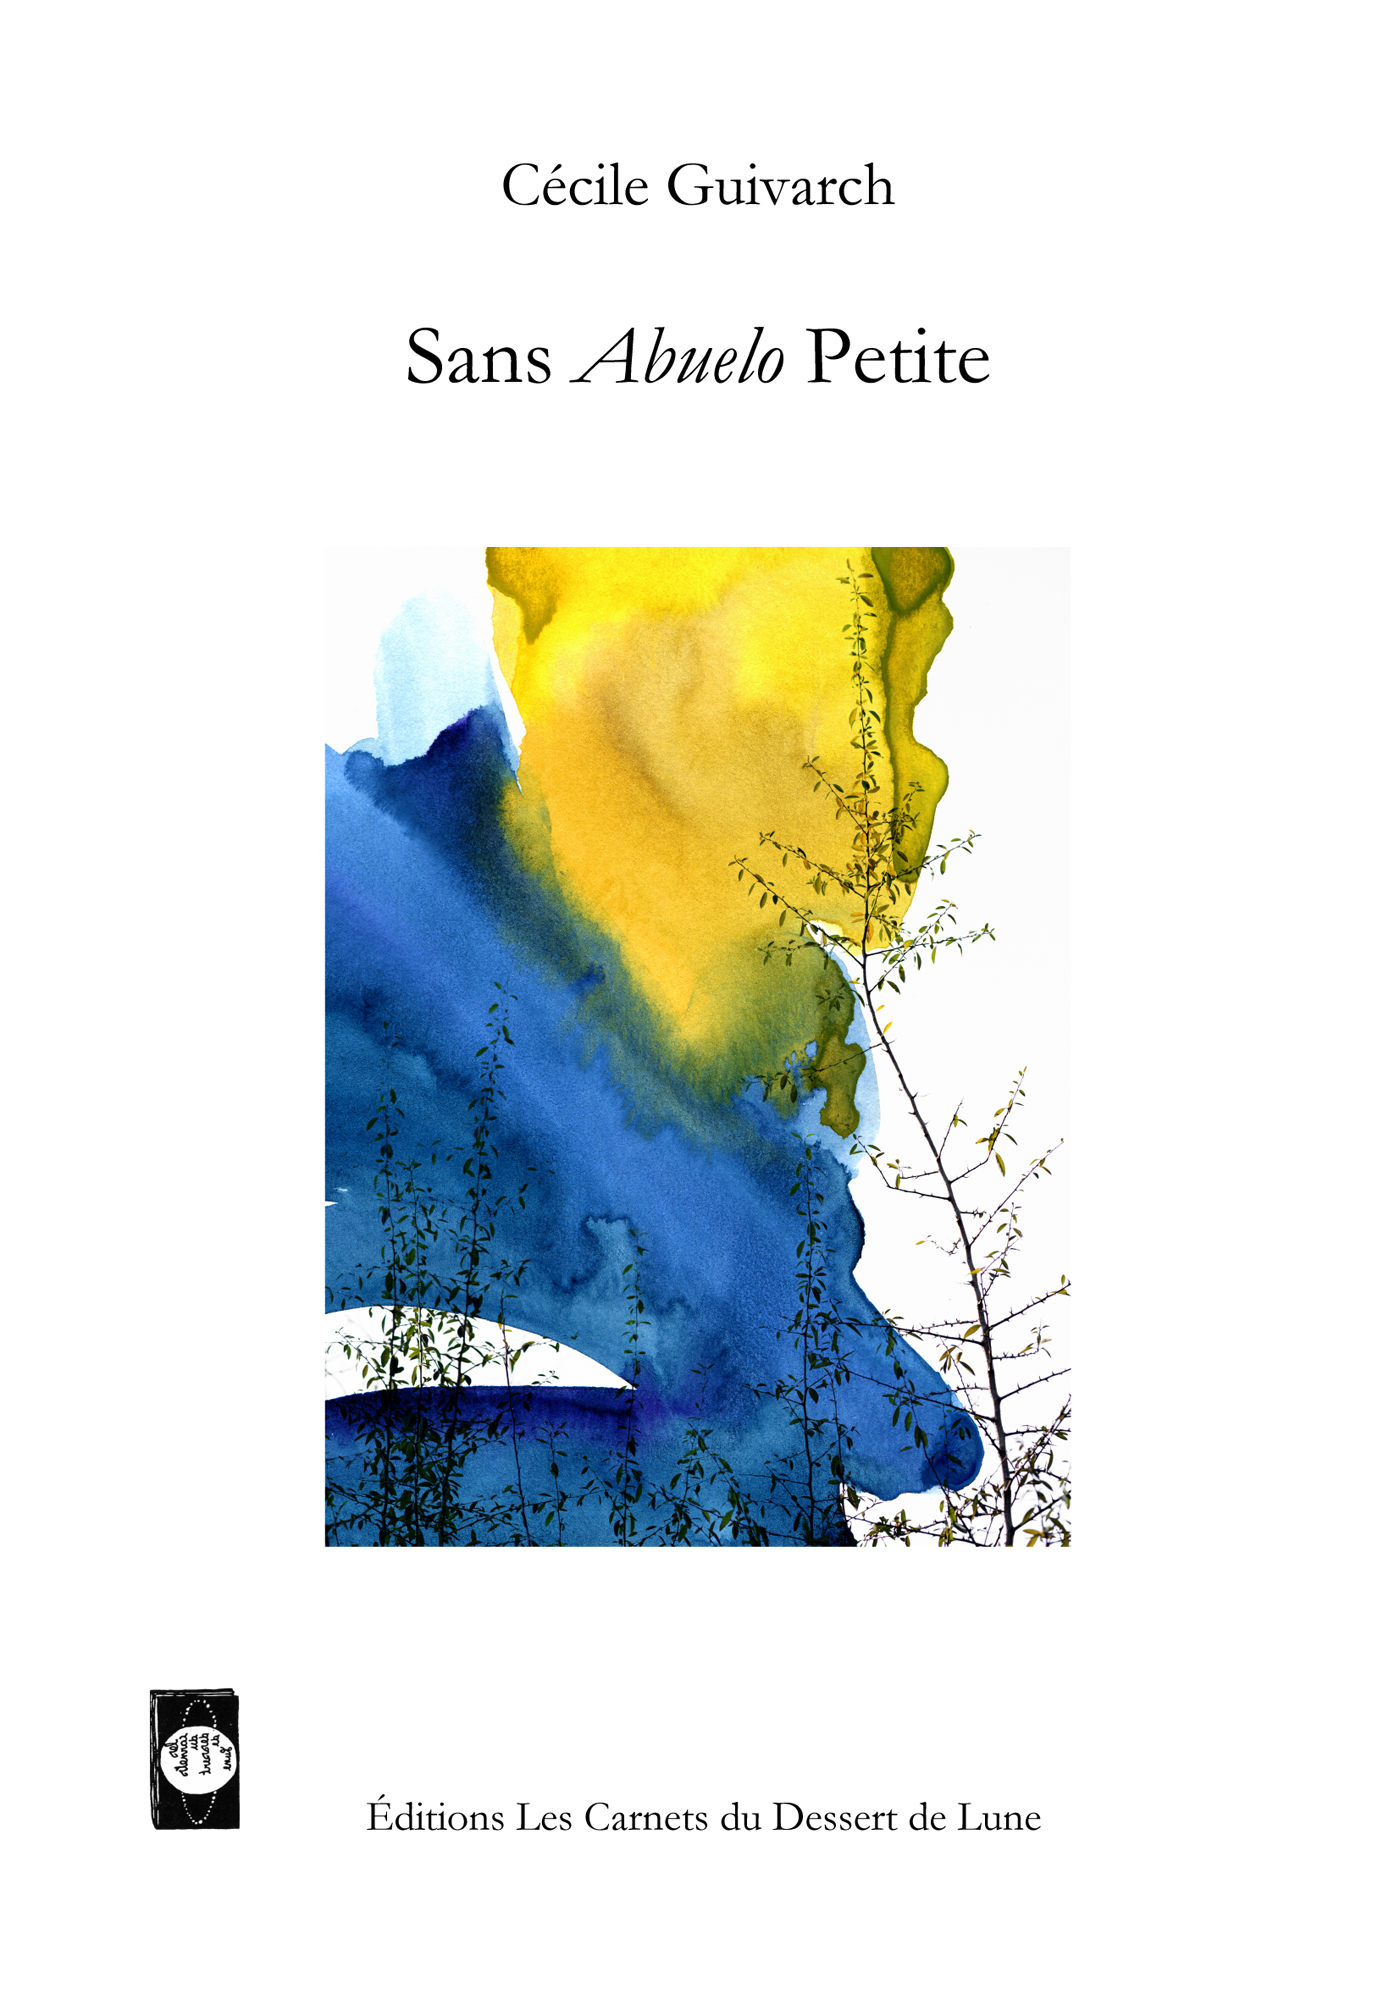 Cécile Guivarch, Sans Abuelo Petite, Editions Les Carnets du dessert de Lune, Bruxelles, 2017, 78 pages, 13€.